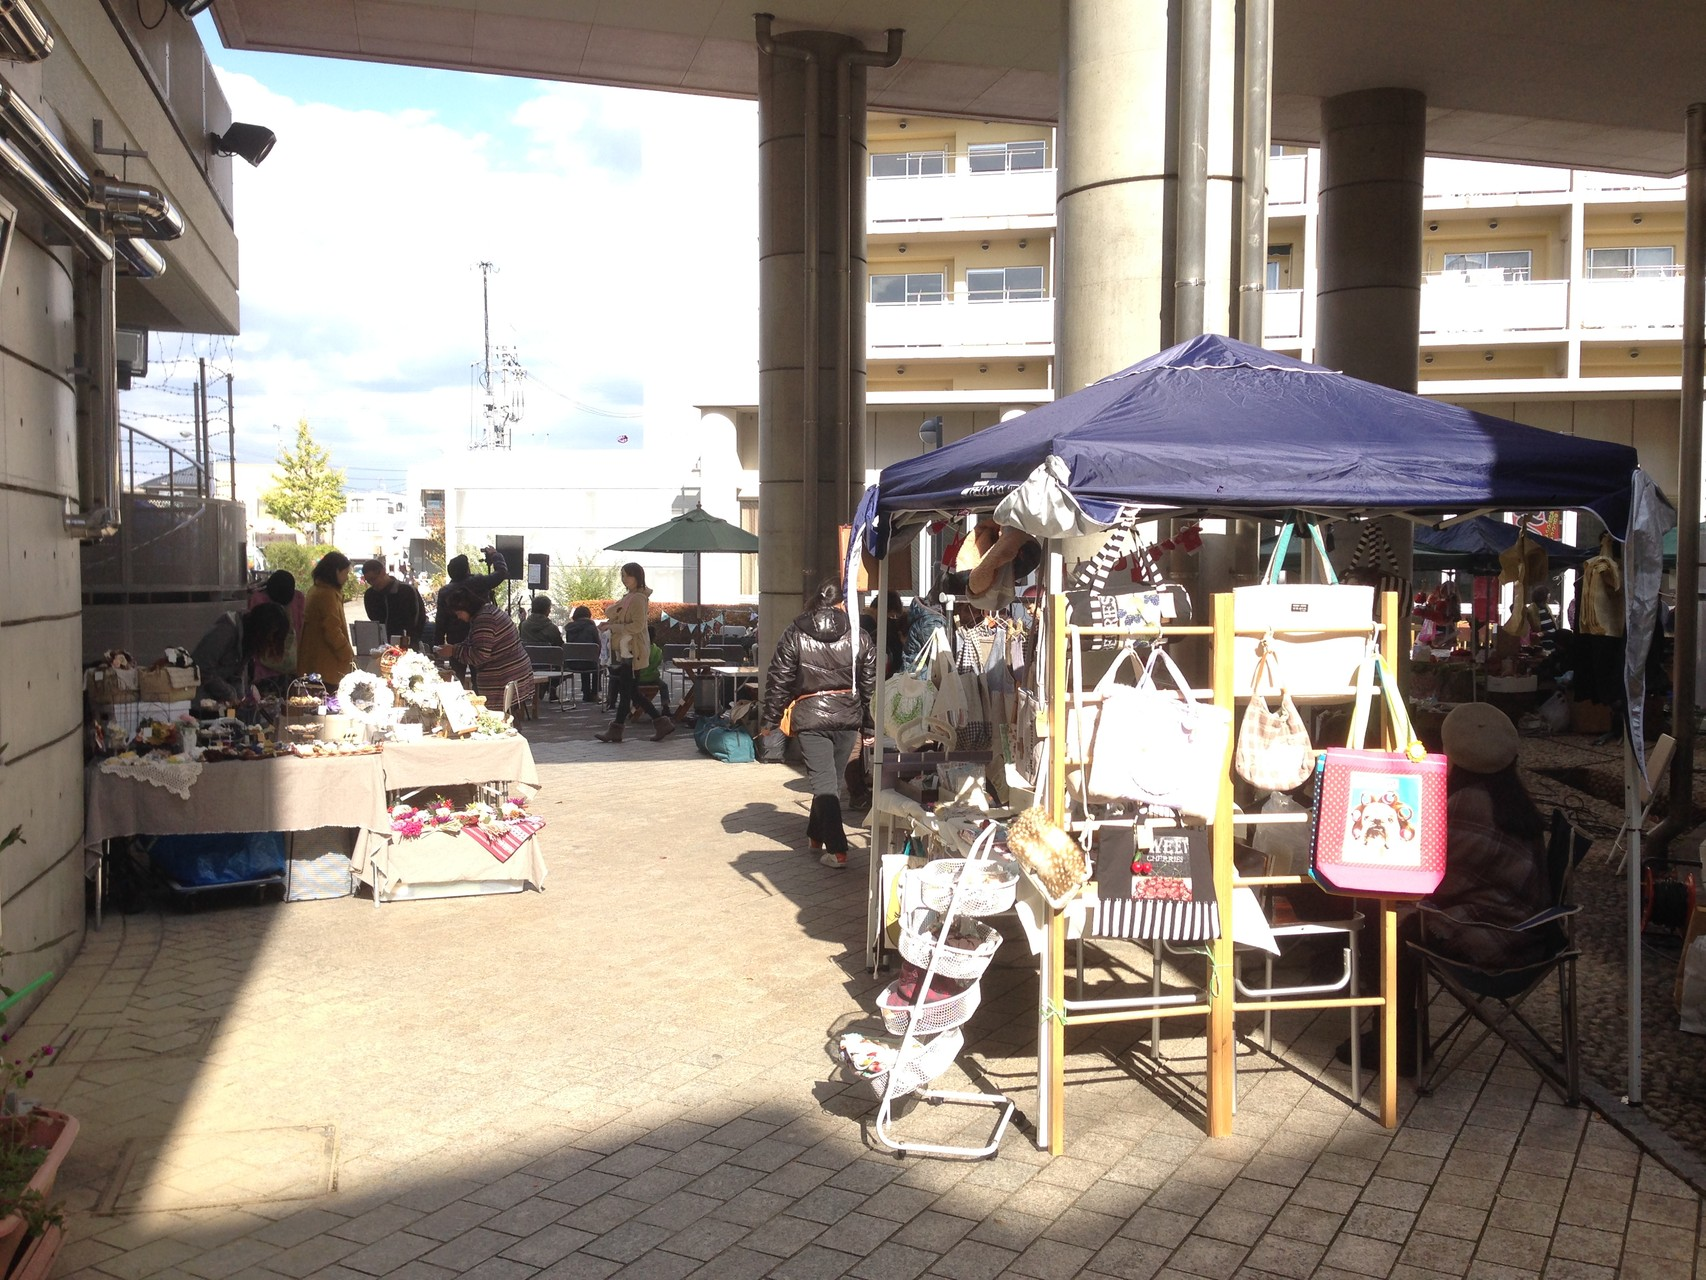 ここはづ市で音楽祭の運営をしました。